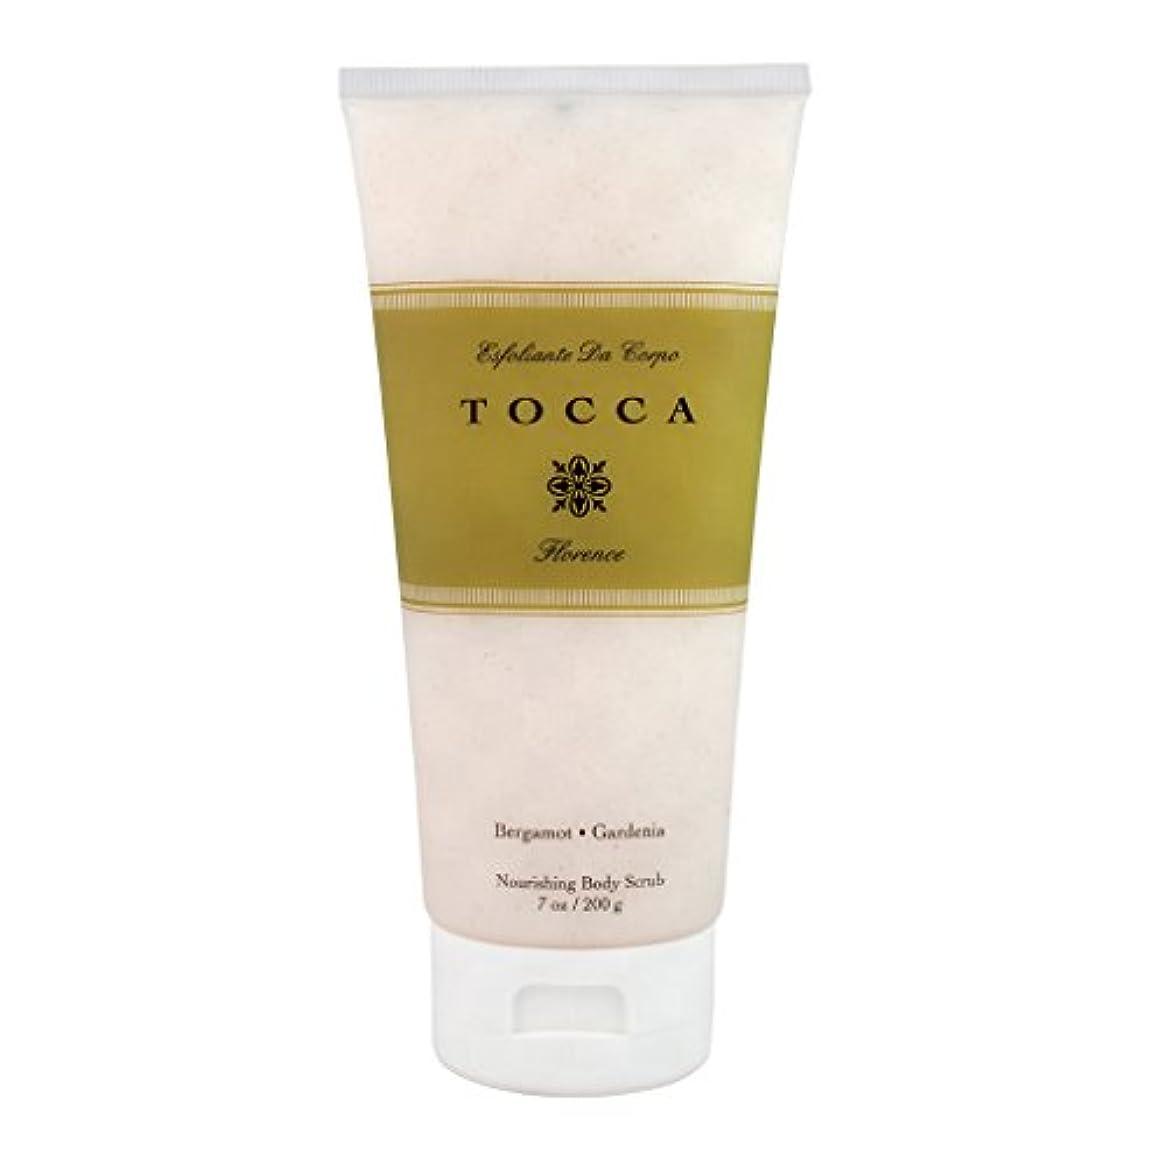 私たちヘビそよ風トッカ(TOCCA) ボディーケアスクラブ フローレンスの香り 200ml(全身?ボディー用マッサージ料 ガーデニアとベルガモットが誘うように溶け合うどこまでも上品なフローラルの香り)